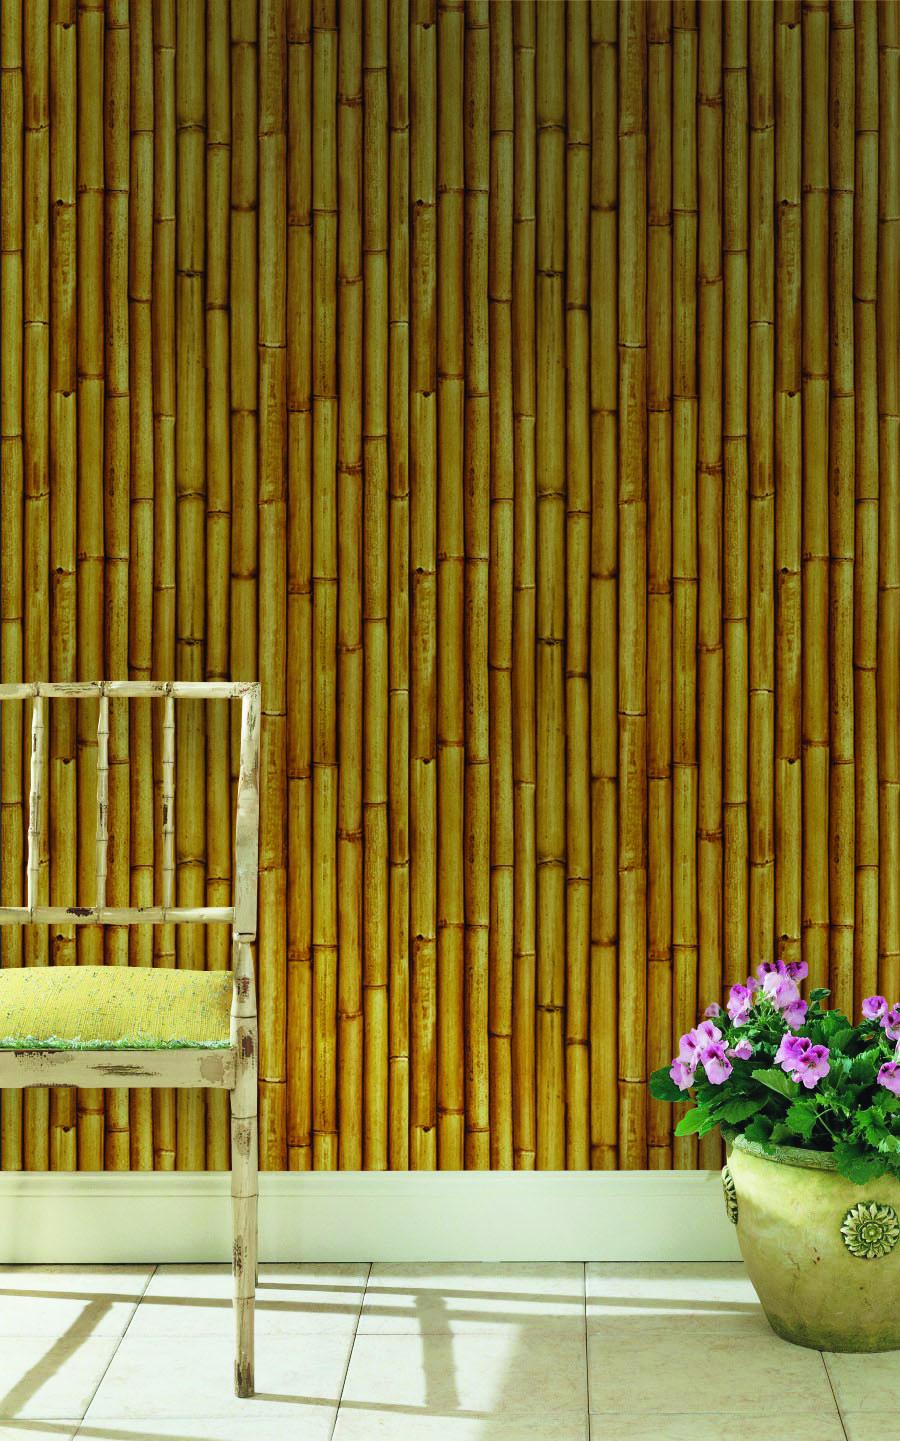 Papel mural Bambu natural 3476-2 Muresco